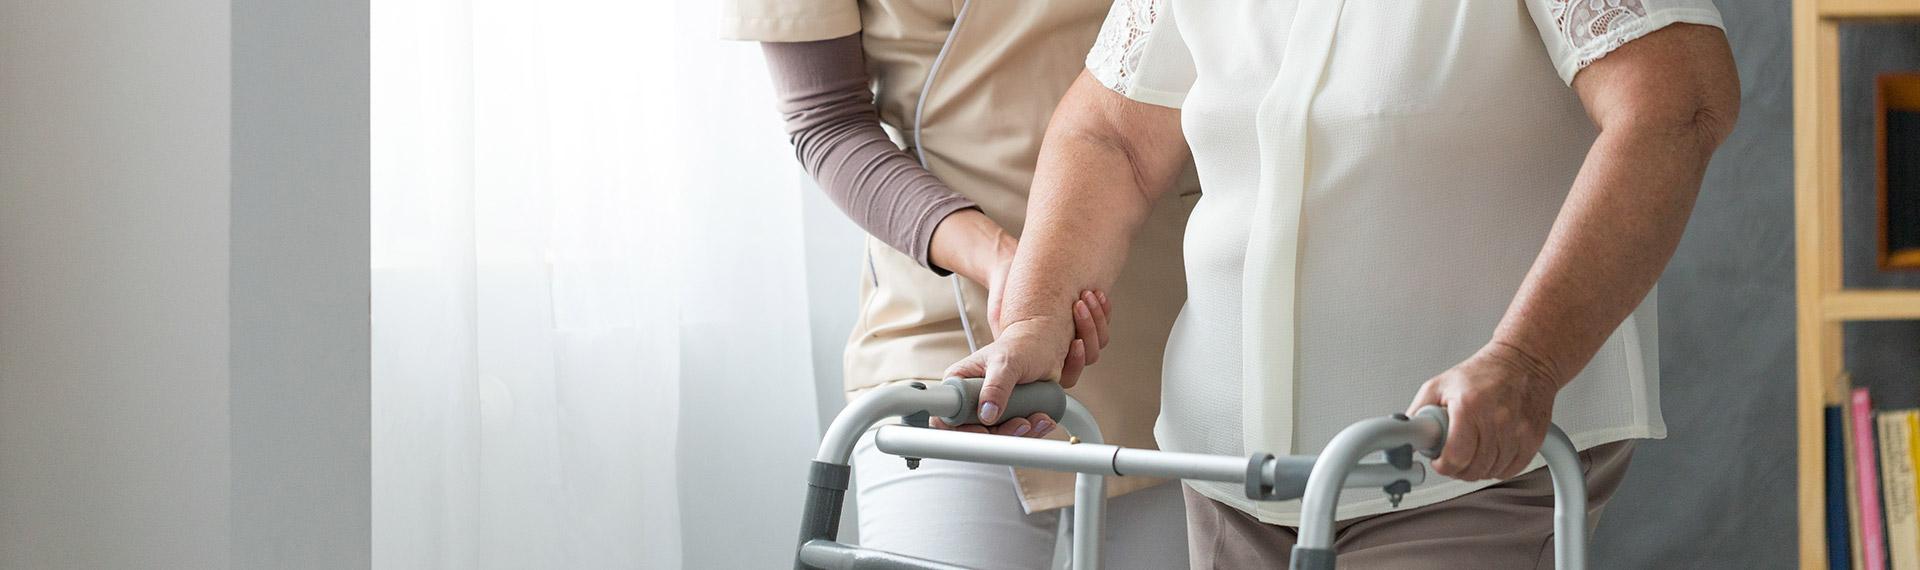 الكسور من اعراض هشاشة العظام